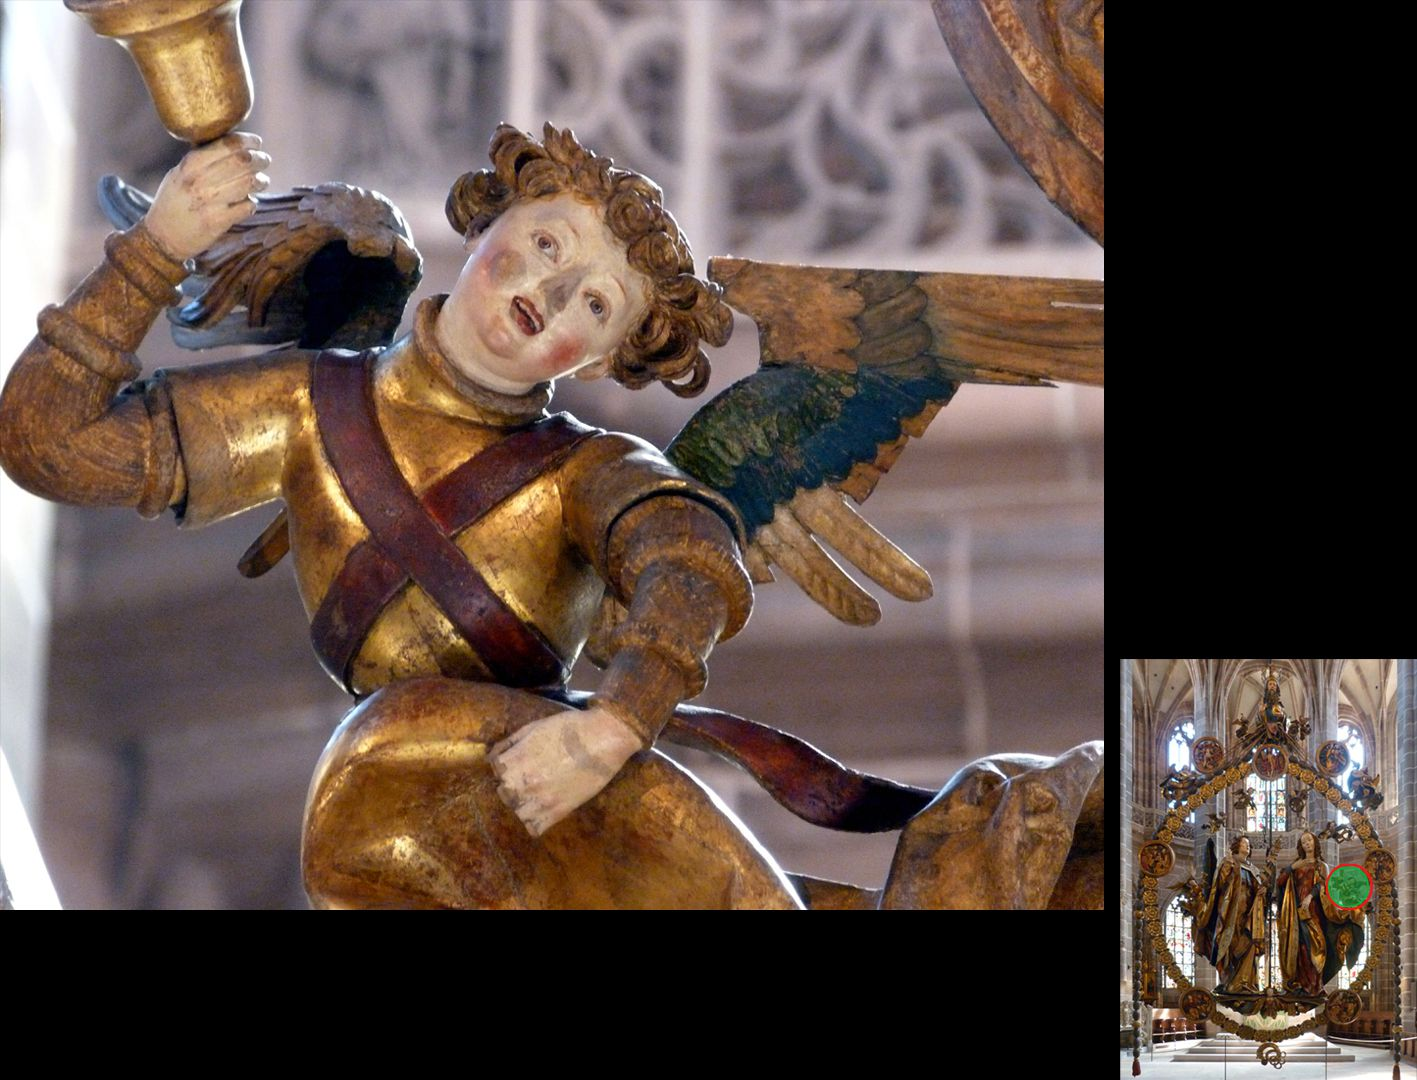 Englischer Gruß Engel mit Handglocke, Detail (unten rechts Detaillokalisierung)